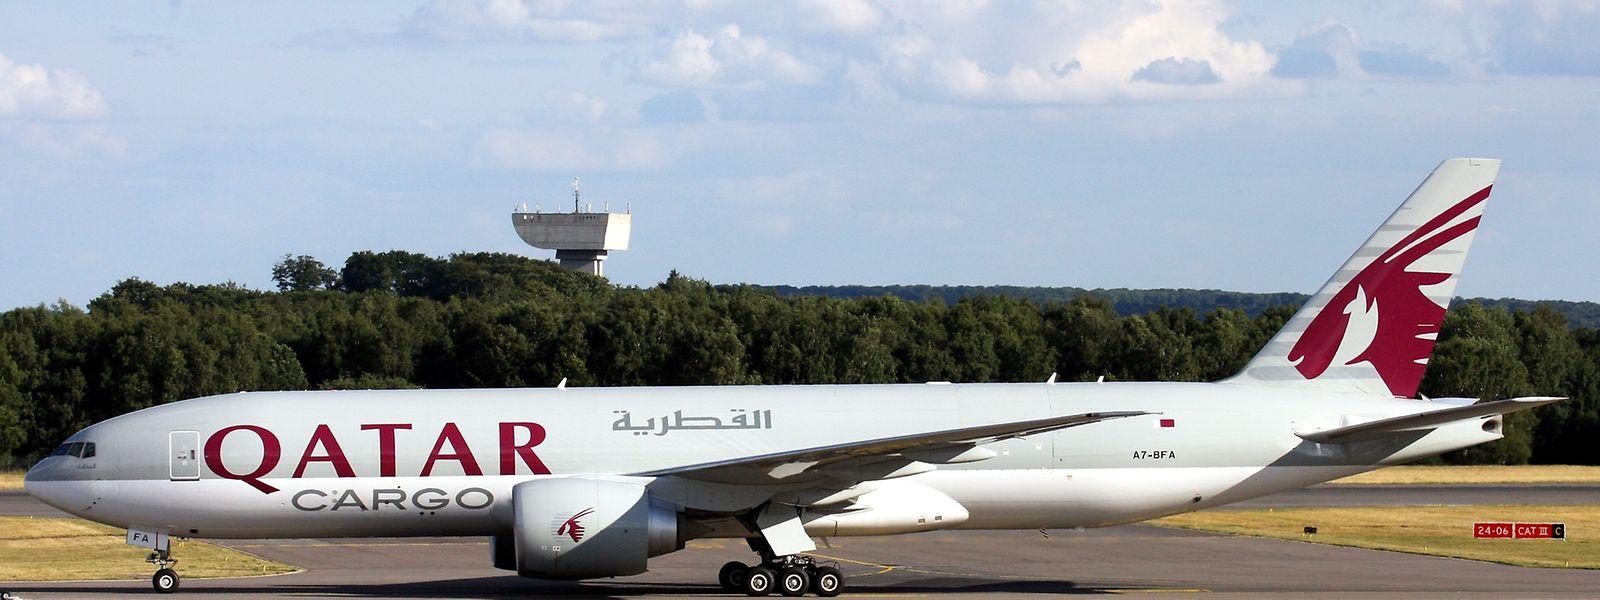 Erst kürzlich hatte die Golf-Airline Qatar Airways zusätzliche Frachtverbindungen von Liège nach Luxemburg verlegt, wo katarische Fluggesellschaften über weitreichende Flugrechte verfügen.